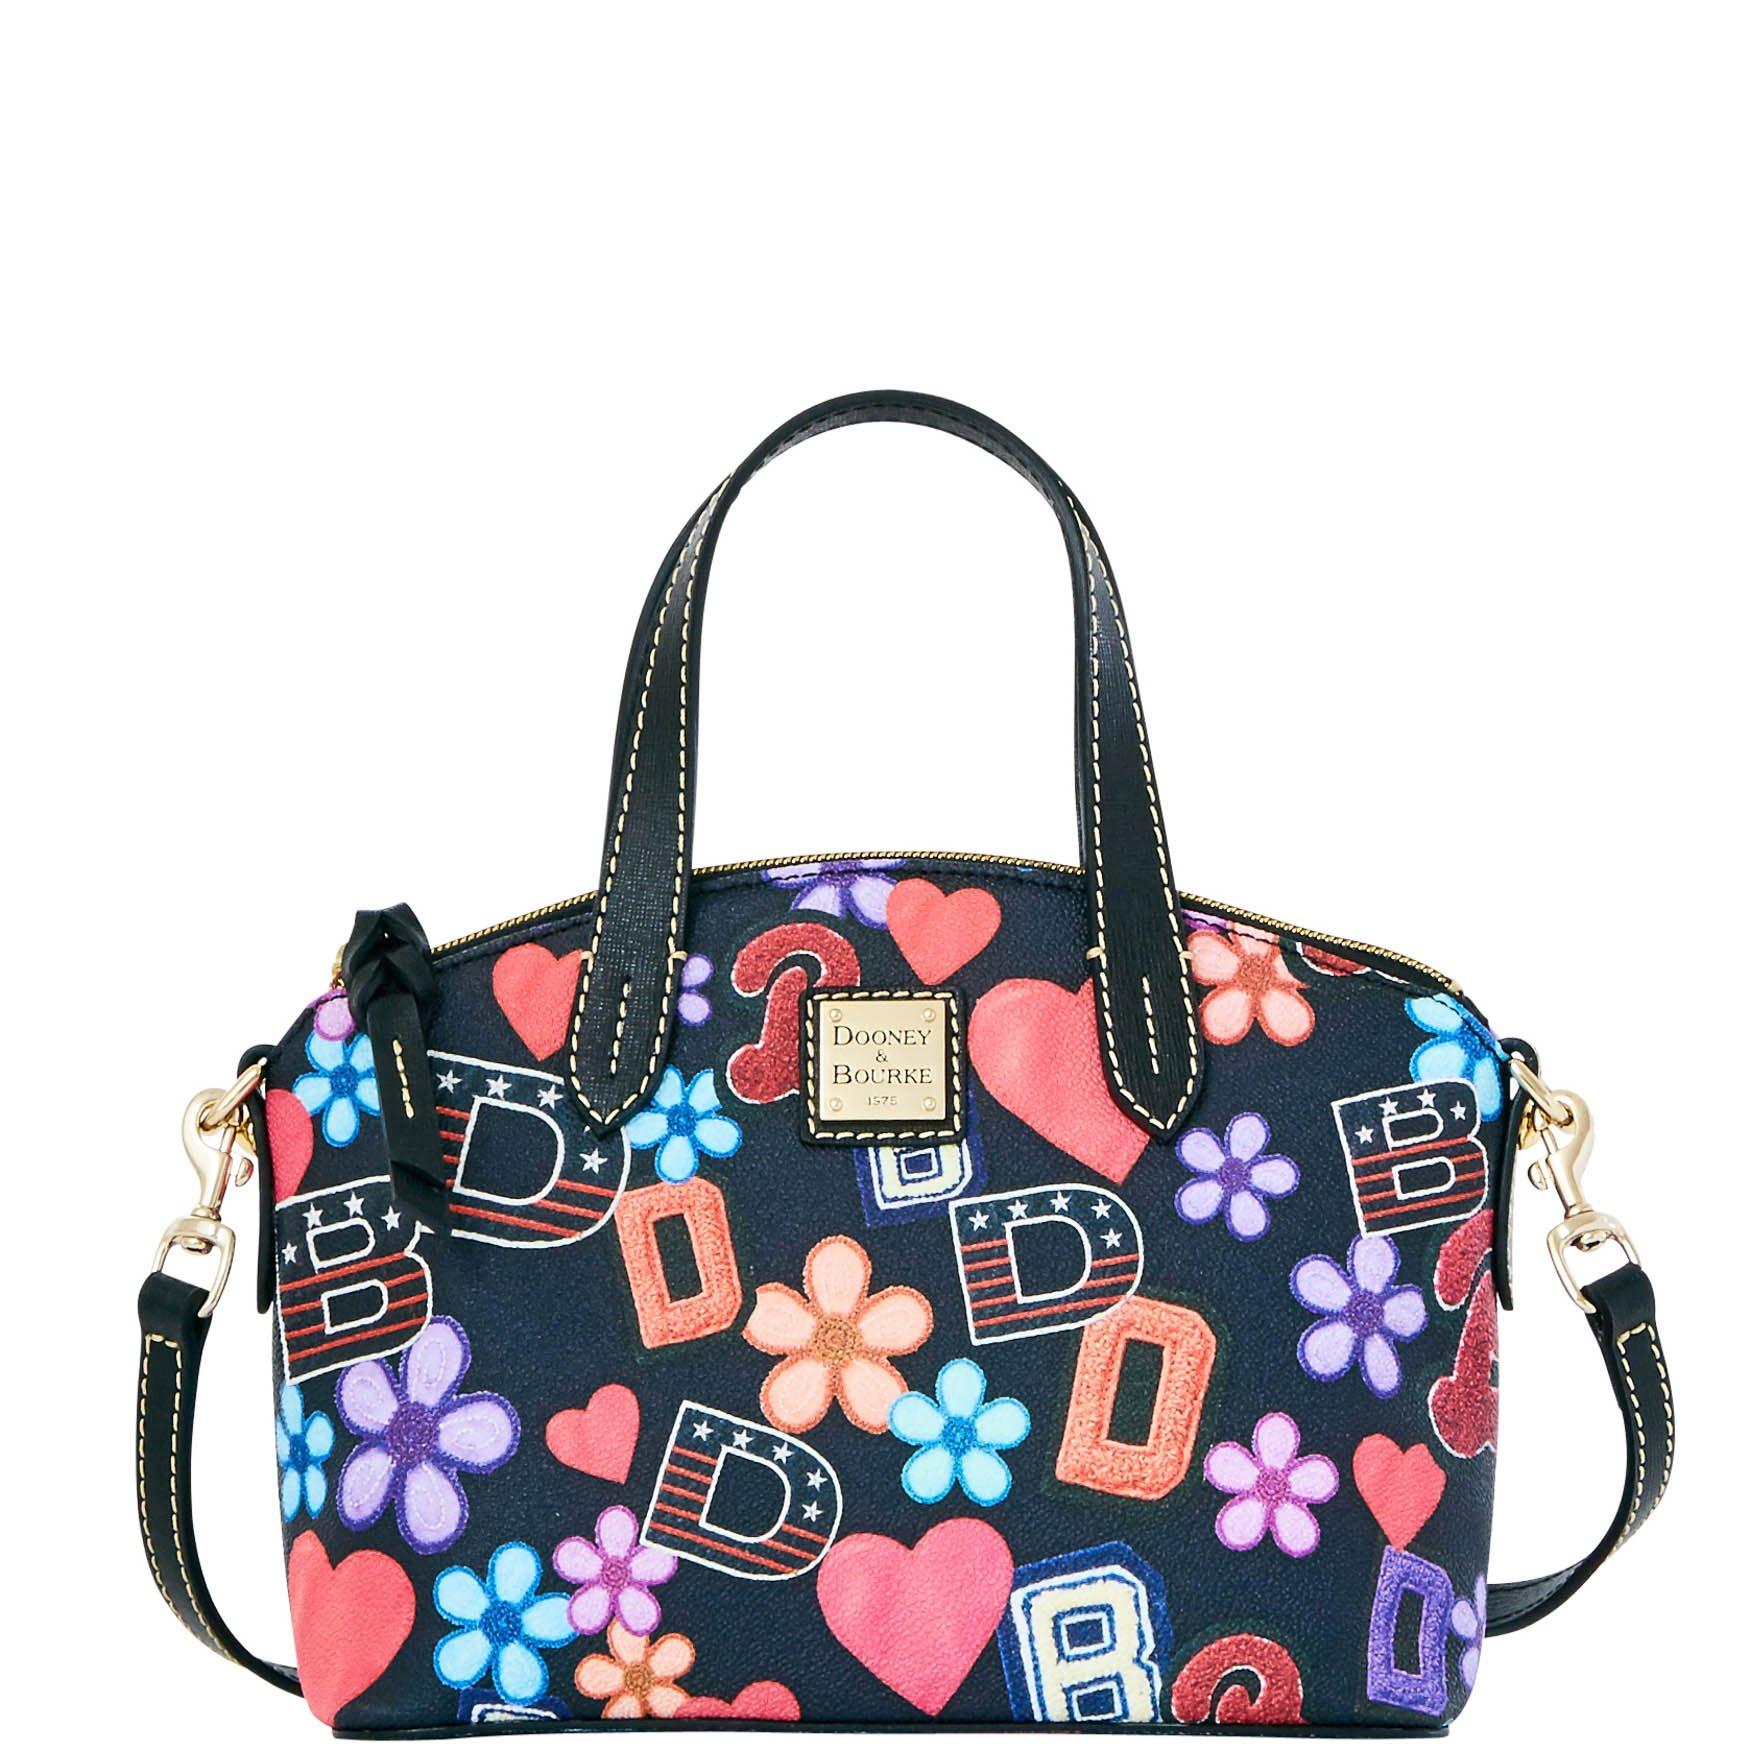 Dooney & Bourke Varsity Ruby Bag Top Handle Bag